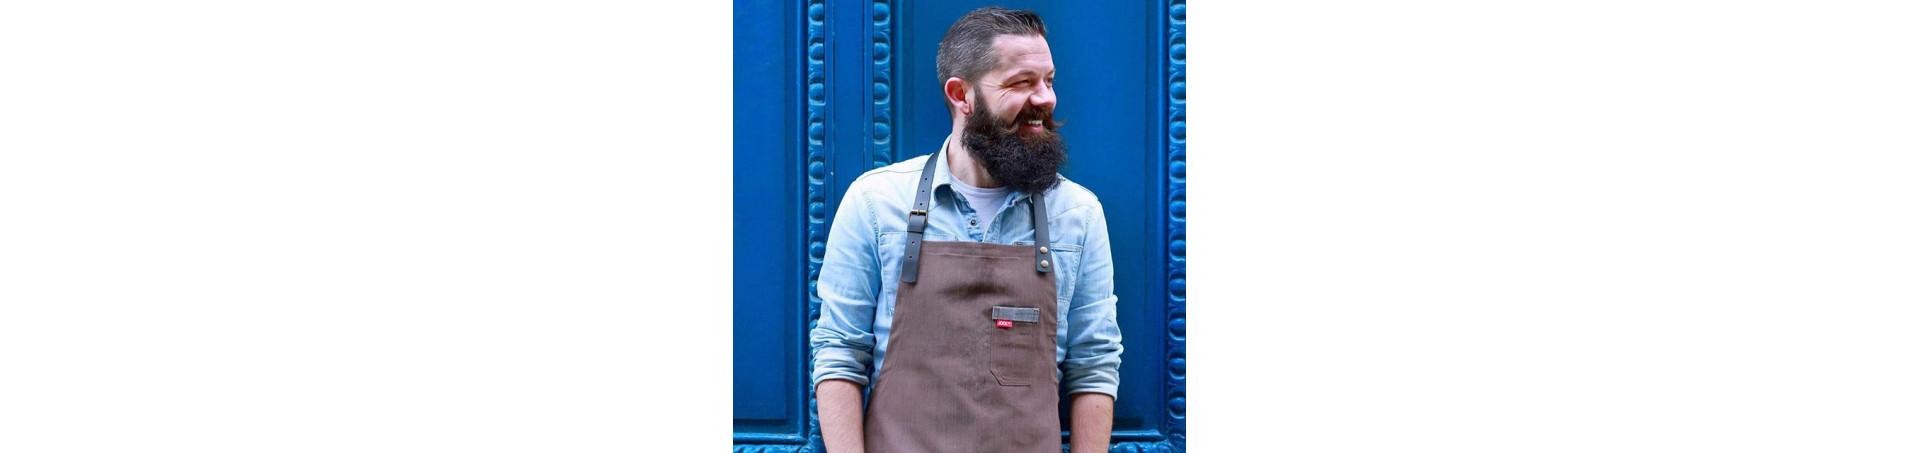 Tablier professionnel avec lanière cuir, personnalisable et stylé